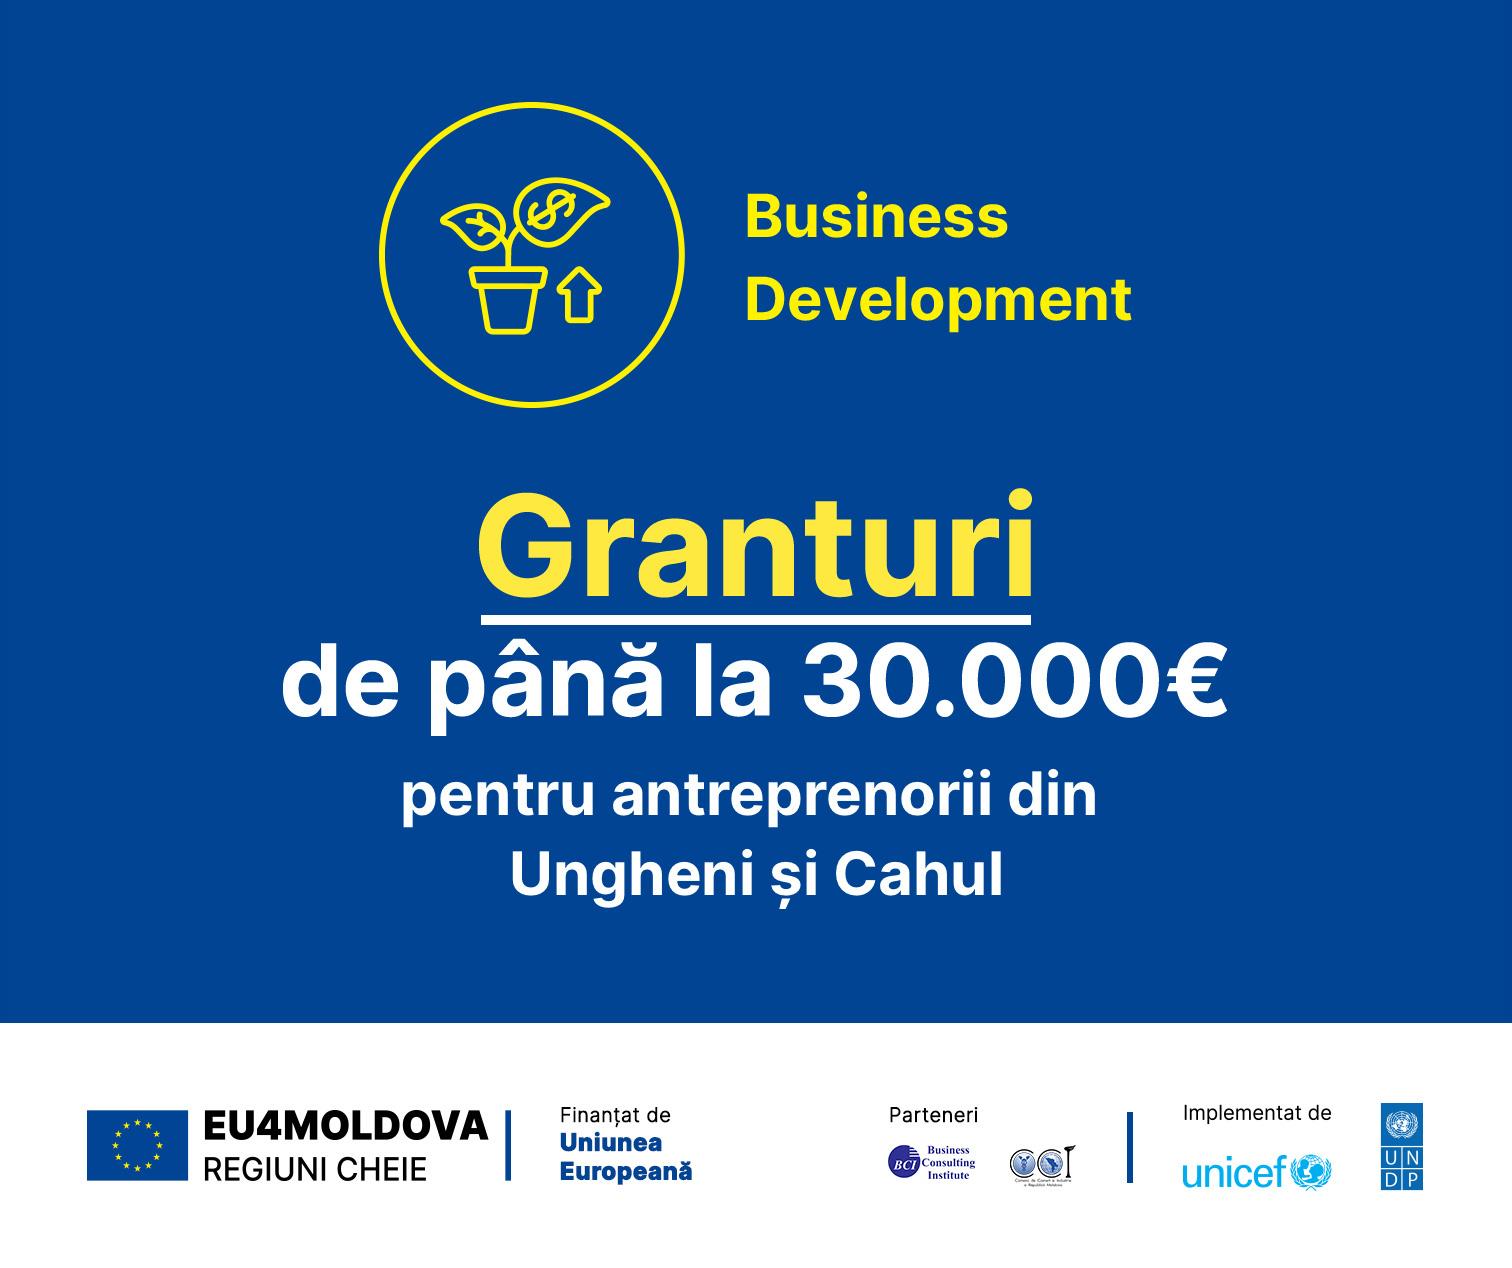 Uniunea Europeană oferă 770.000 EURO pentru dezvoltarea sectorului privat din regiunile cheie Cahul și Ungheni